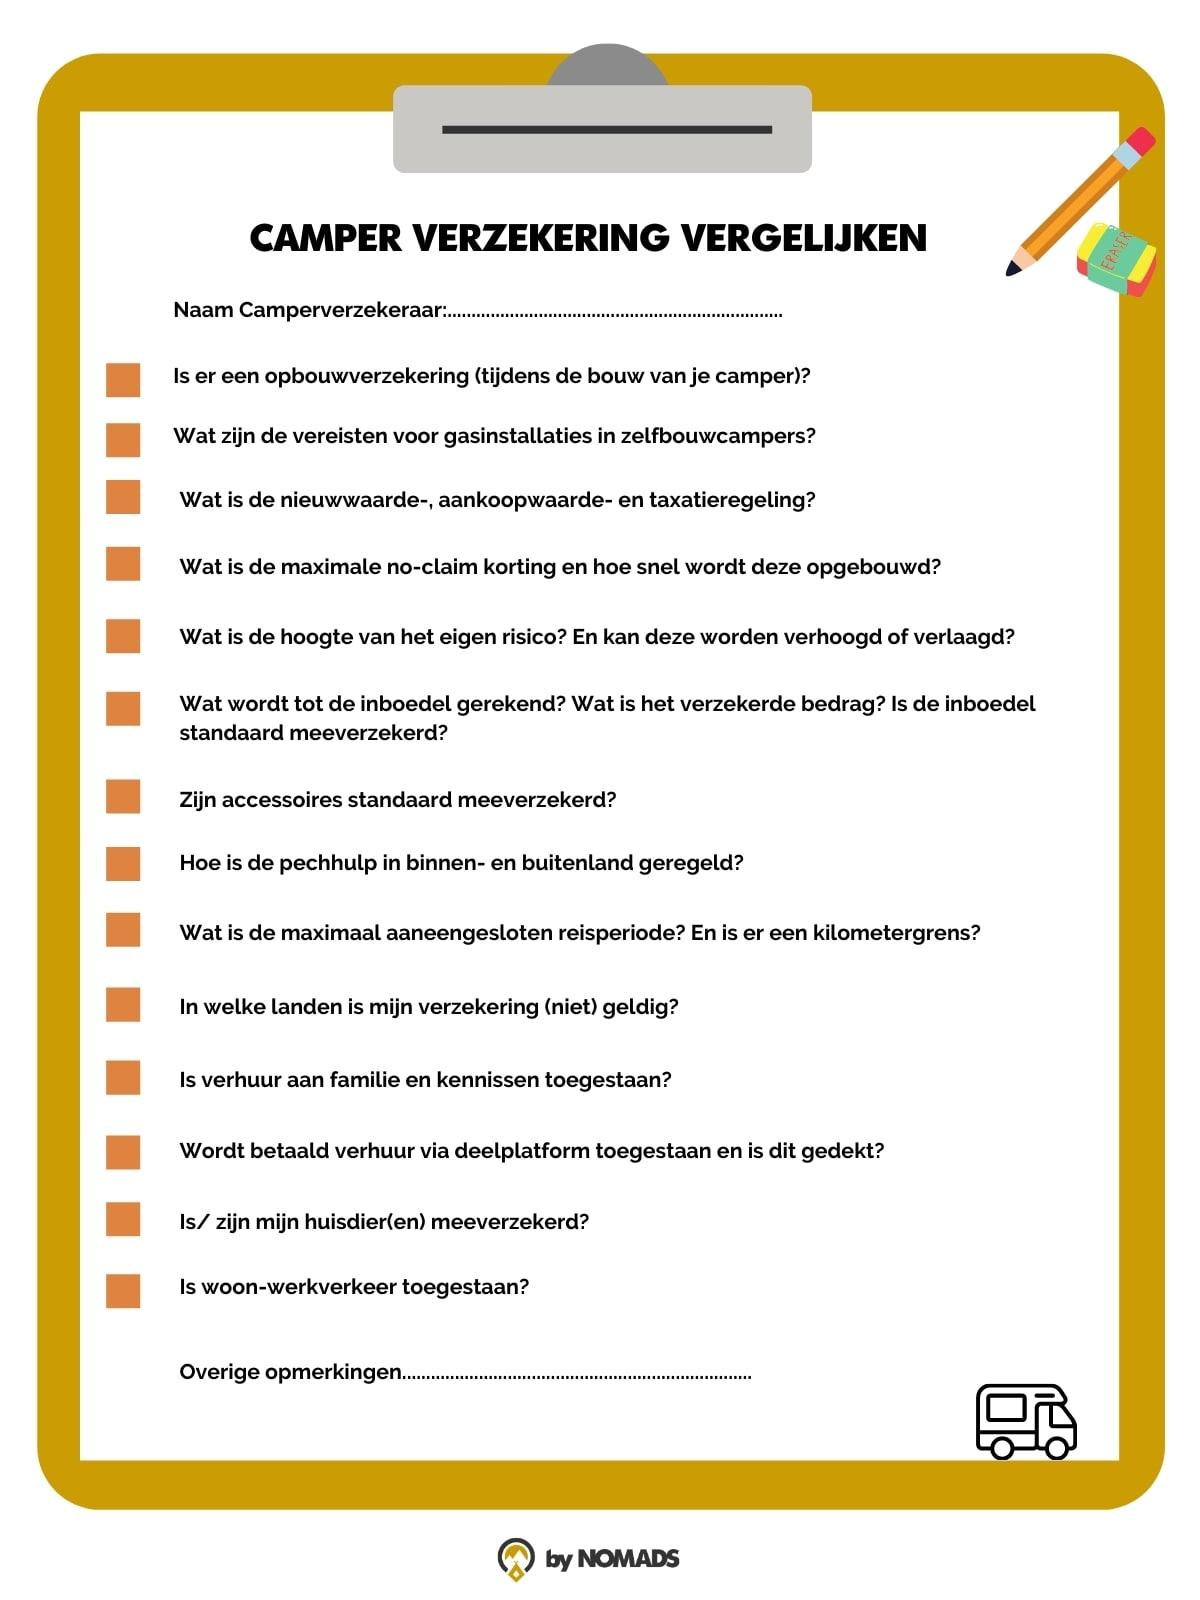 Camper verzekering vergelijken checklist